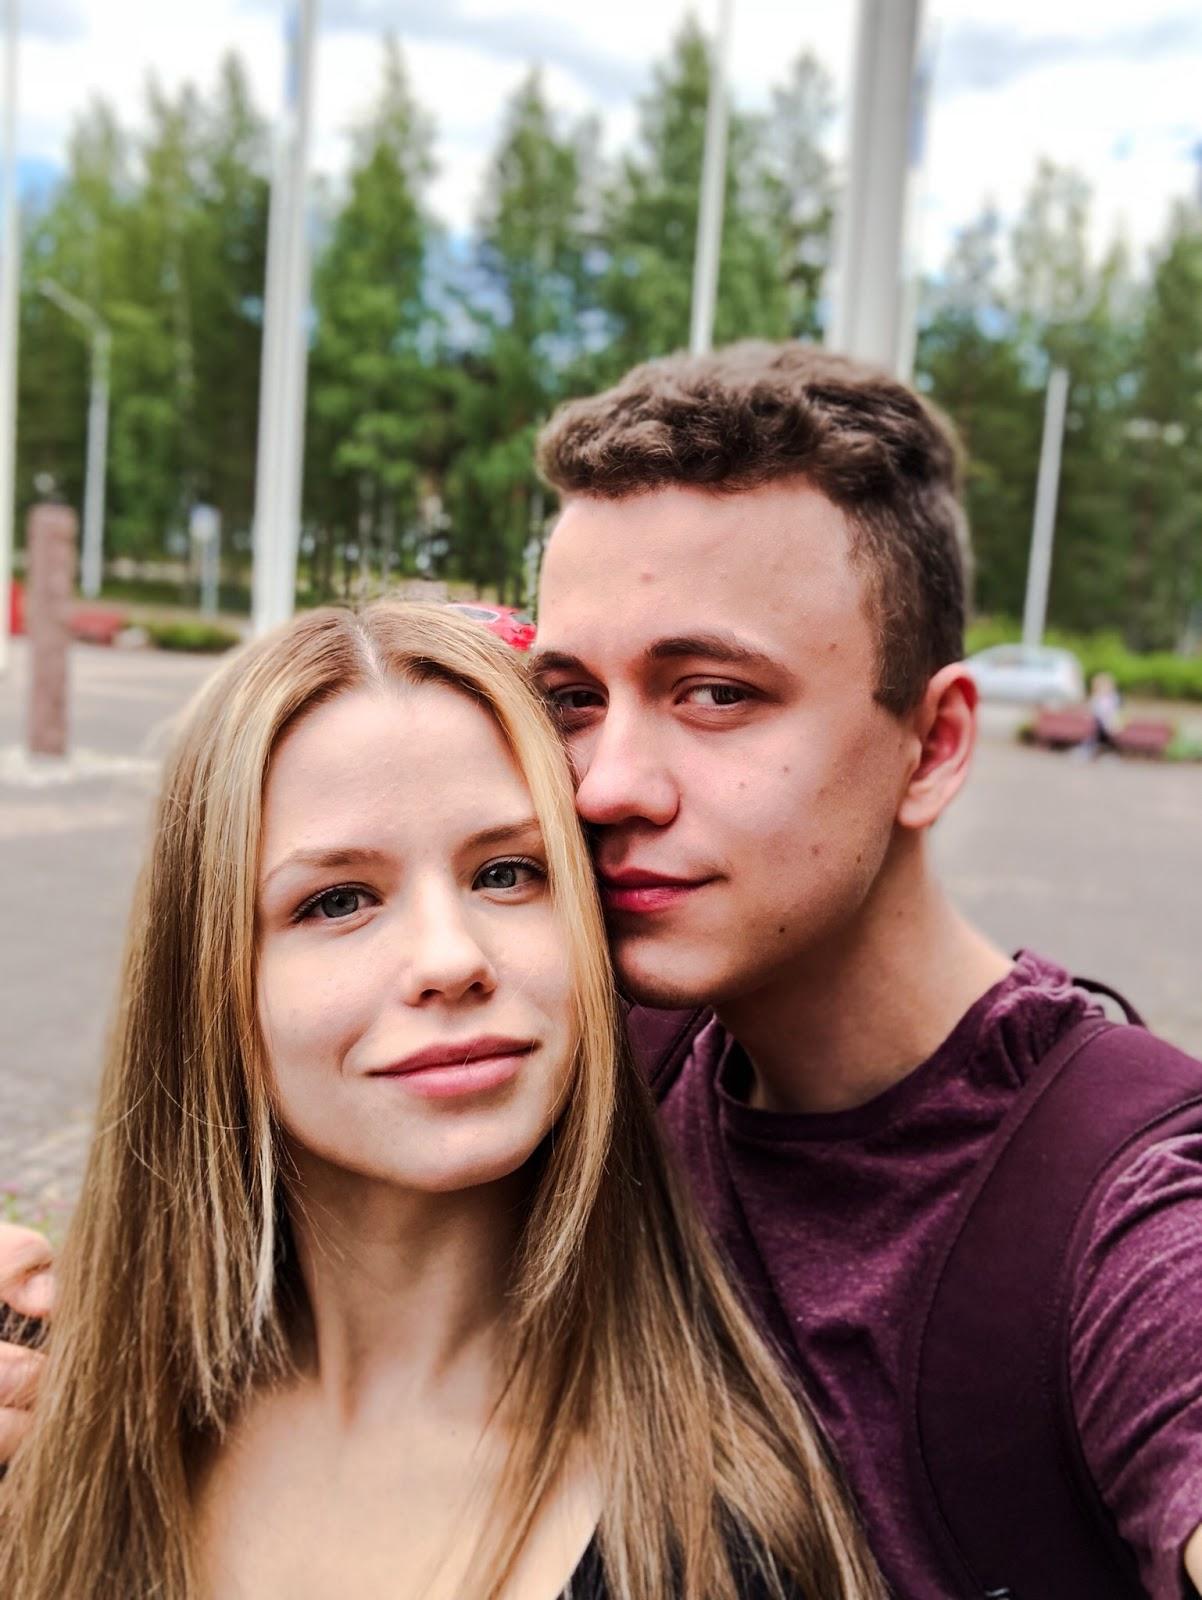 dating Raskaus Laskin Tumblr hyödyt vuodelta minulle